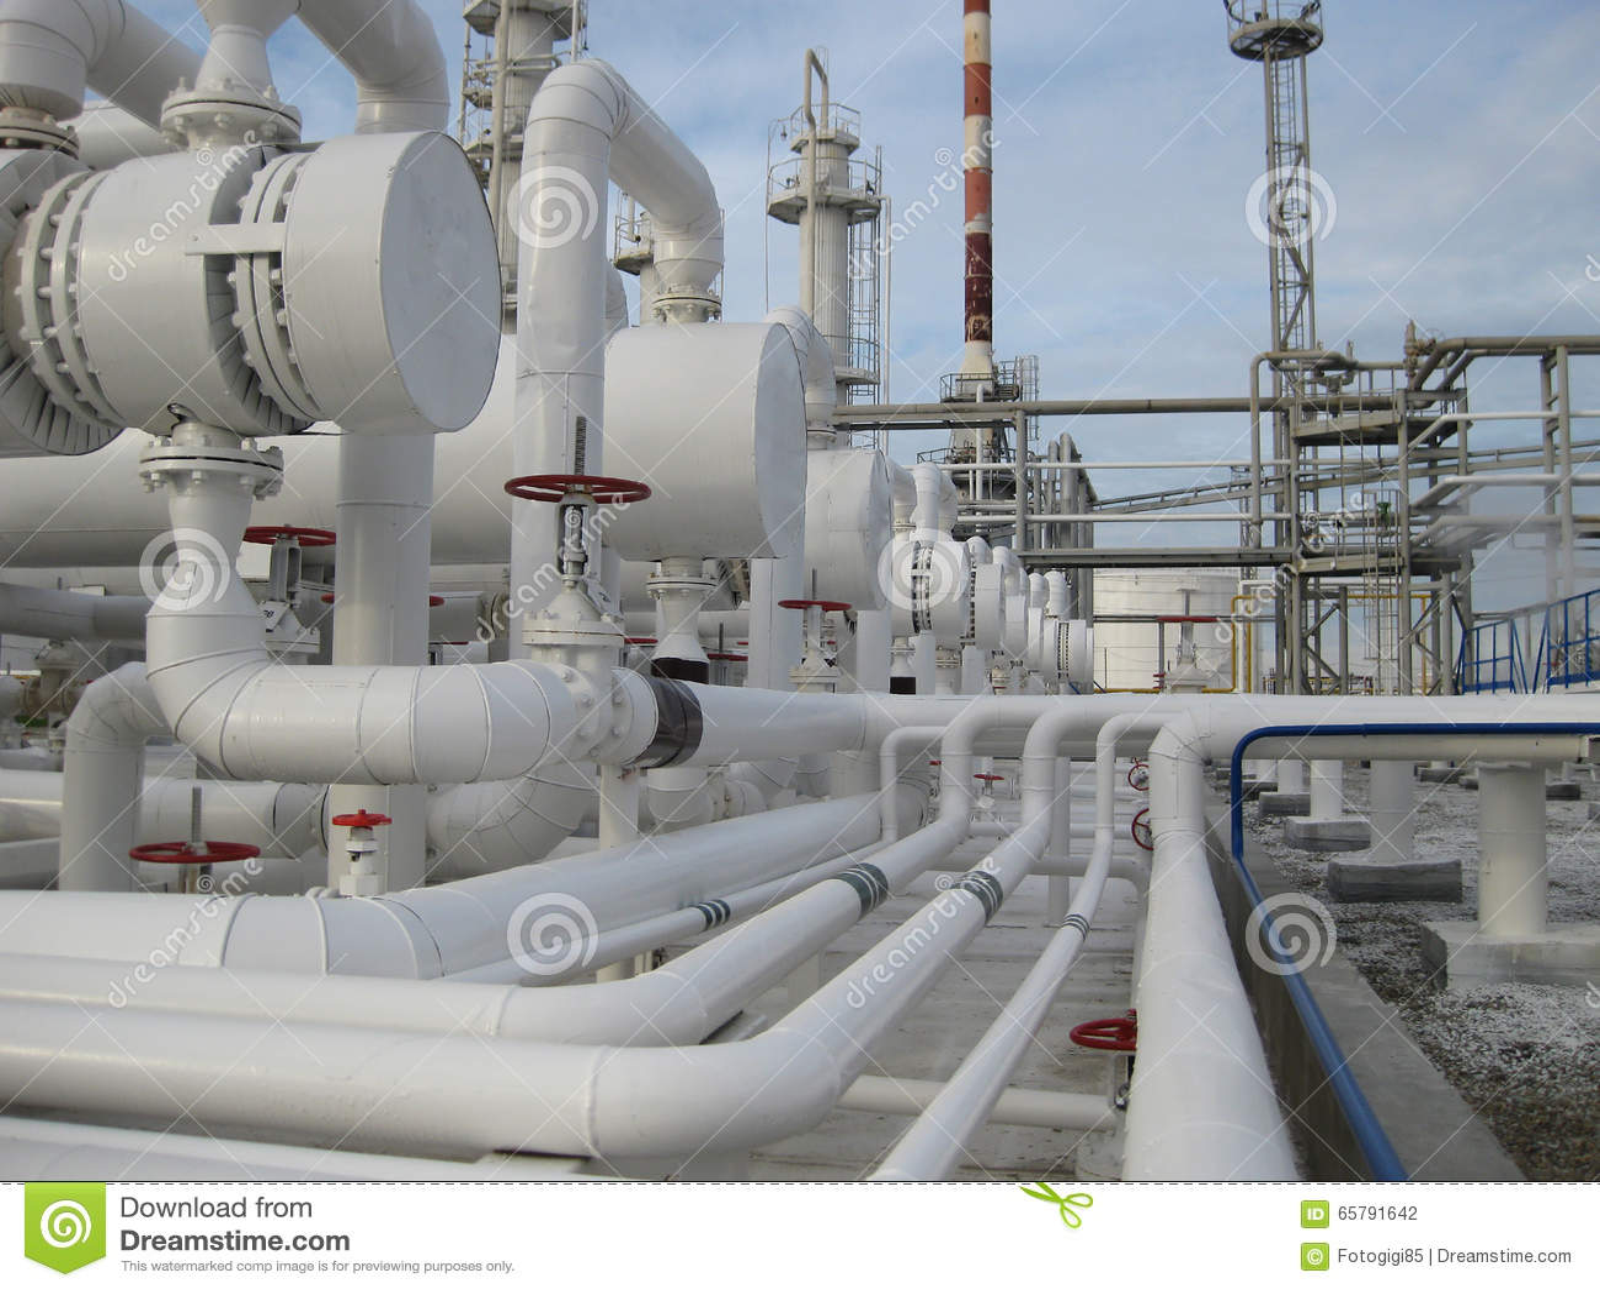 Диссертация теплообменник для нефтеперерабатывающего завода расчет толщины трубной решетки теплообменников